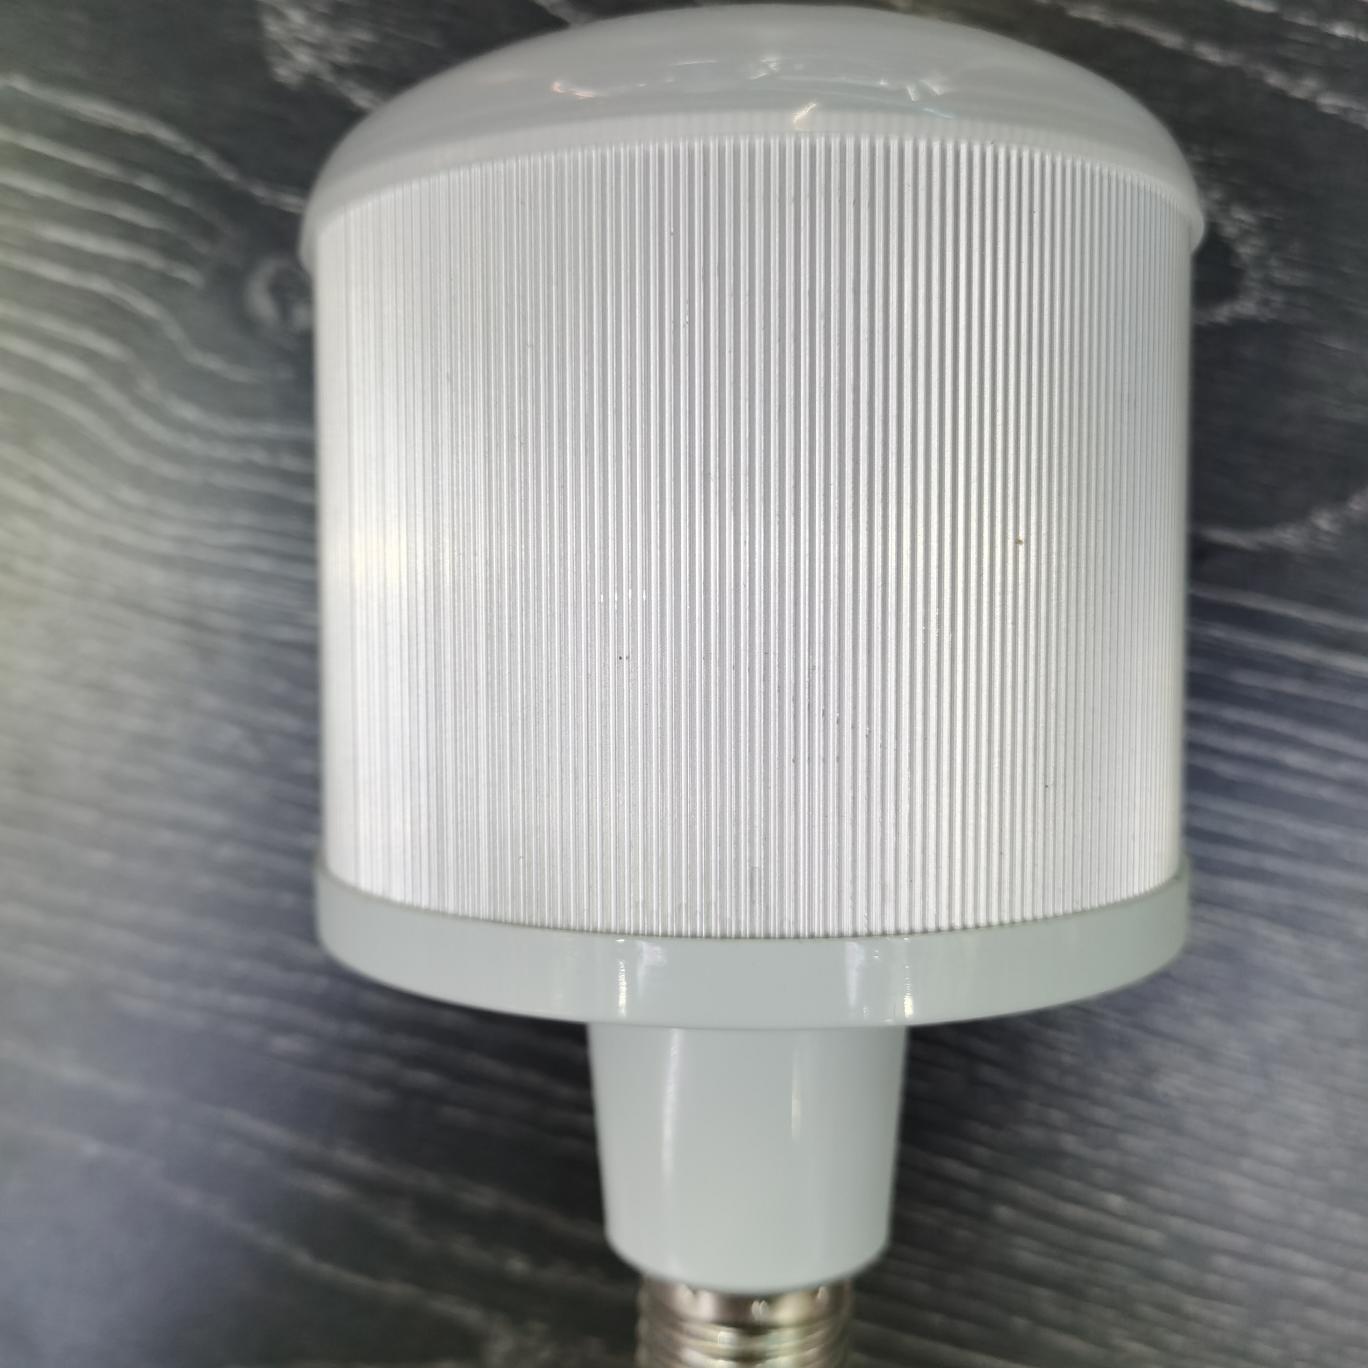 36W 家用LED 铝合金散热 节能灯泡 AC85-265V通用